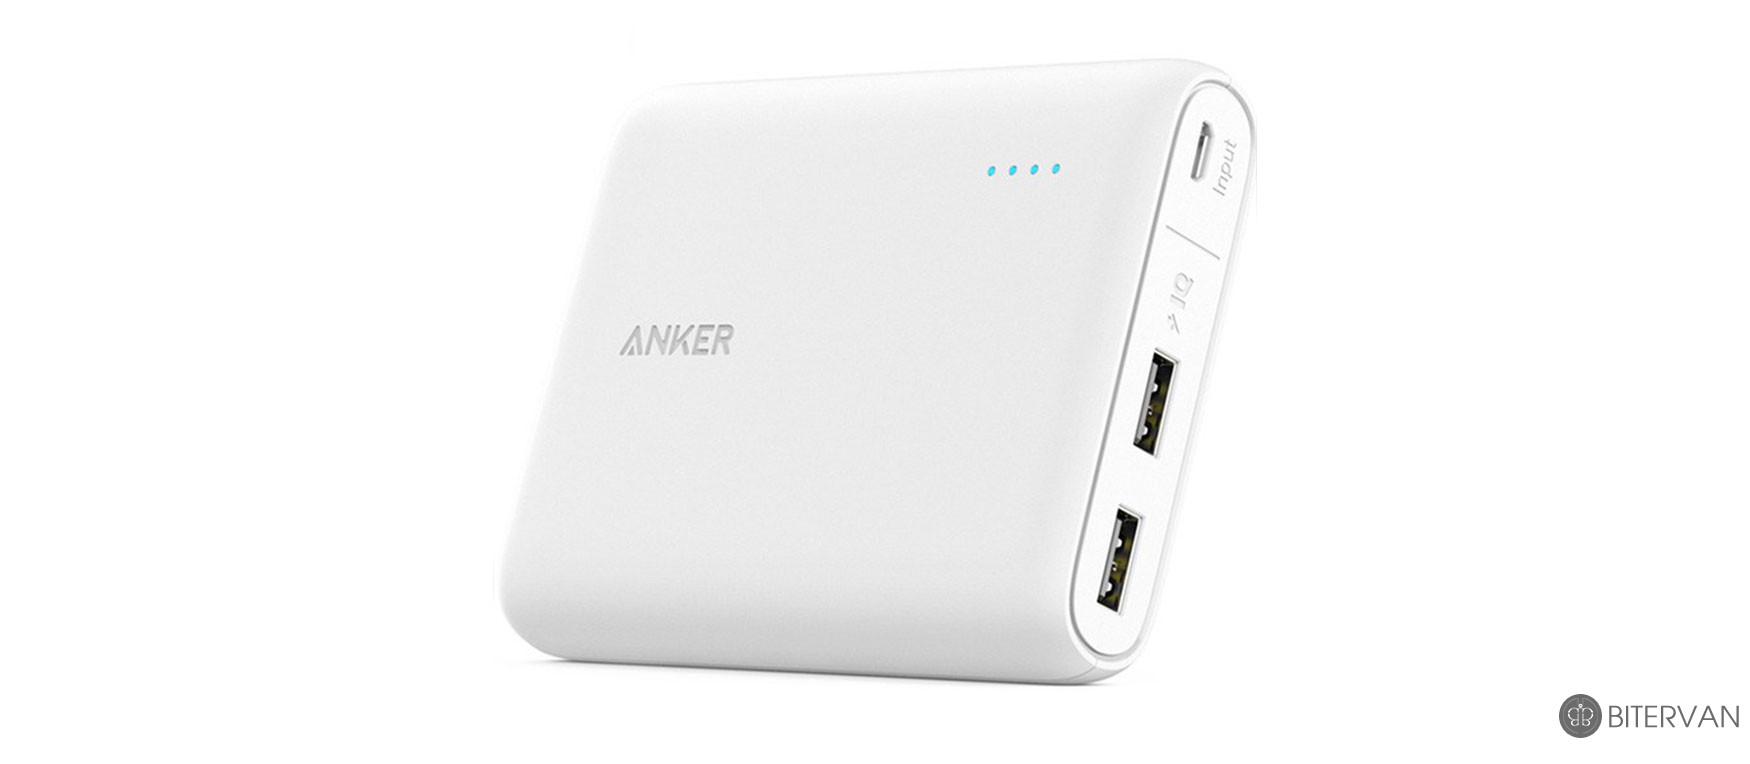 Anker A1215 PowerCore 13000 - White